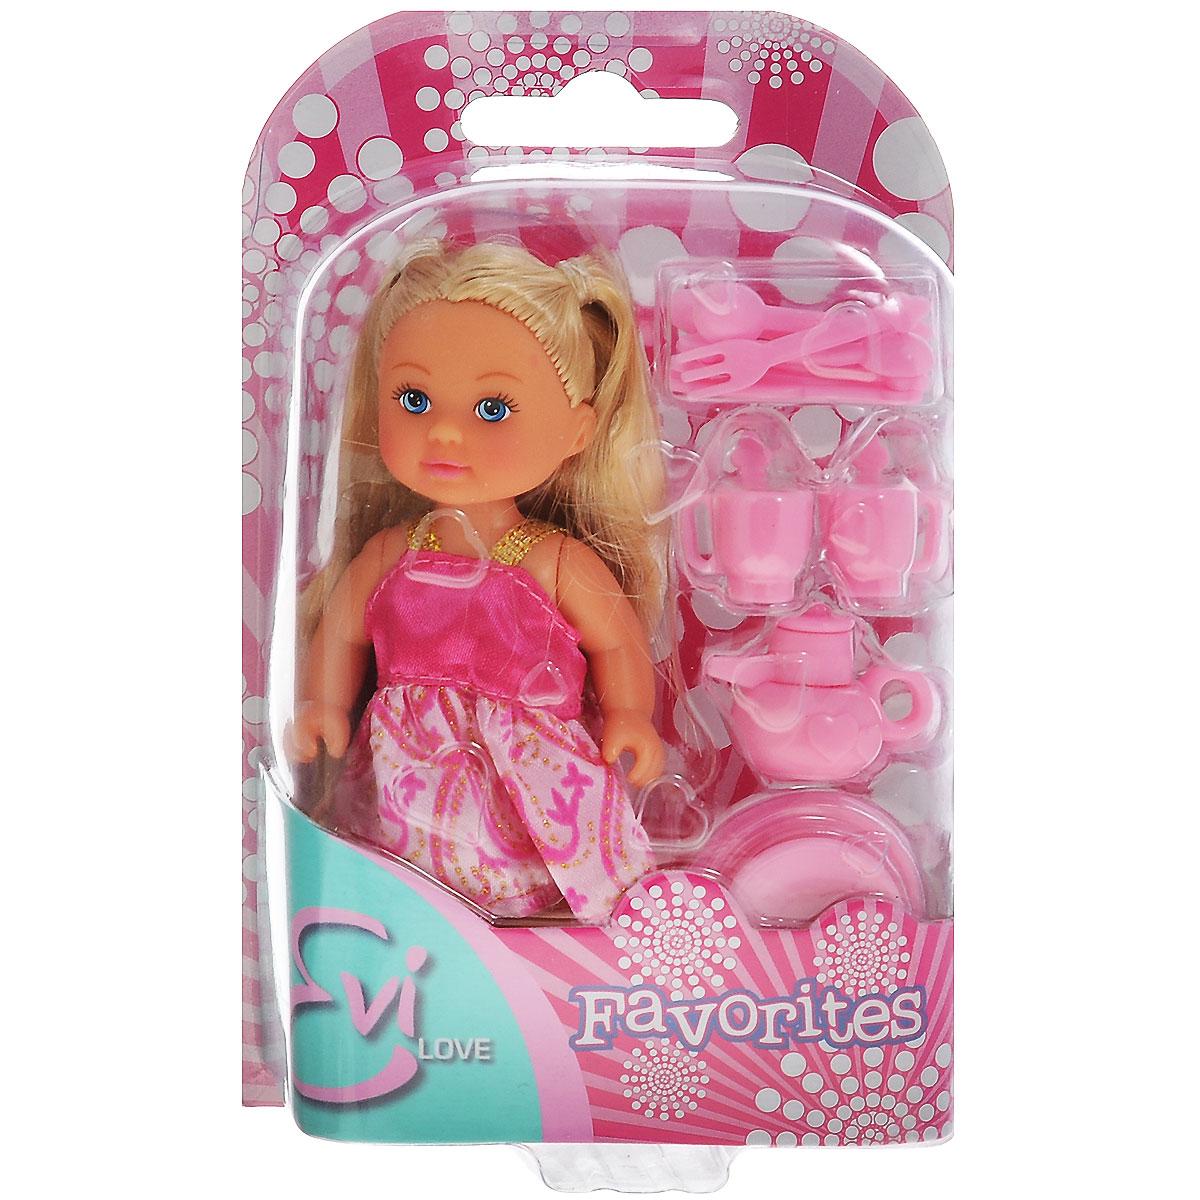 Simba Кукла Еви, с кухонными аксессуарами5734830_цвет платья розовыйКукла Simba Еви порадует любую девочку и надолго увлечет ее. В комплект входит кукла Еви и необходимые кухонные принадлежности. Малышка Еви одета в розовое платье. Вашей дочурке непременно понравится заплетать длинные белокурые волосы куклы, придумывая разнообразные прически. Аксессуары выполнены из прочного материала розового цвета. Руки, ноги и голова куклы подвижны, благодаря чему ей можно придавать разнообразные позы. Игры с куклой способствуют эмоциональному развитию, помогают формировать воображение и художественный вкус, а также разовьют в вашей малышке чувство ответственности и заботы. Великолепное качество исполнения делают эту куколку чудесным подарком к любому празднику.